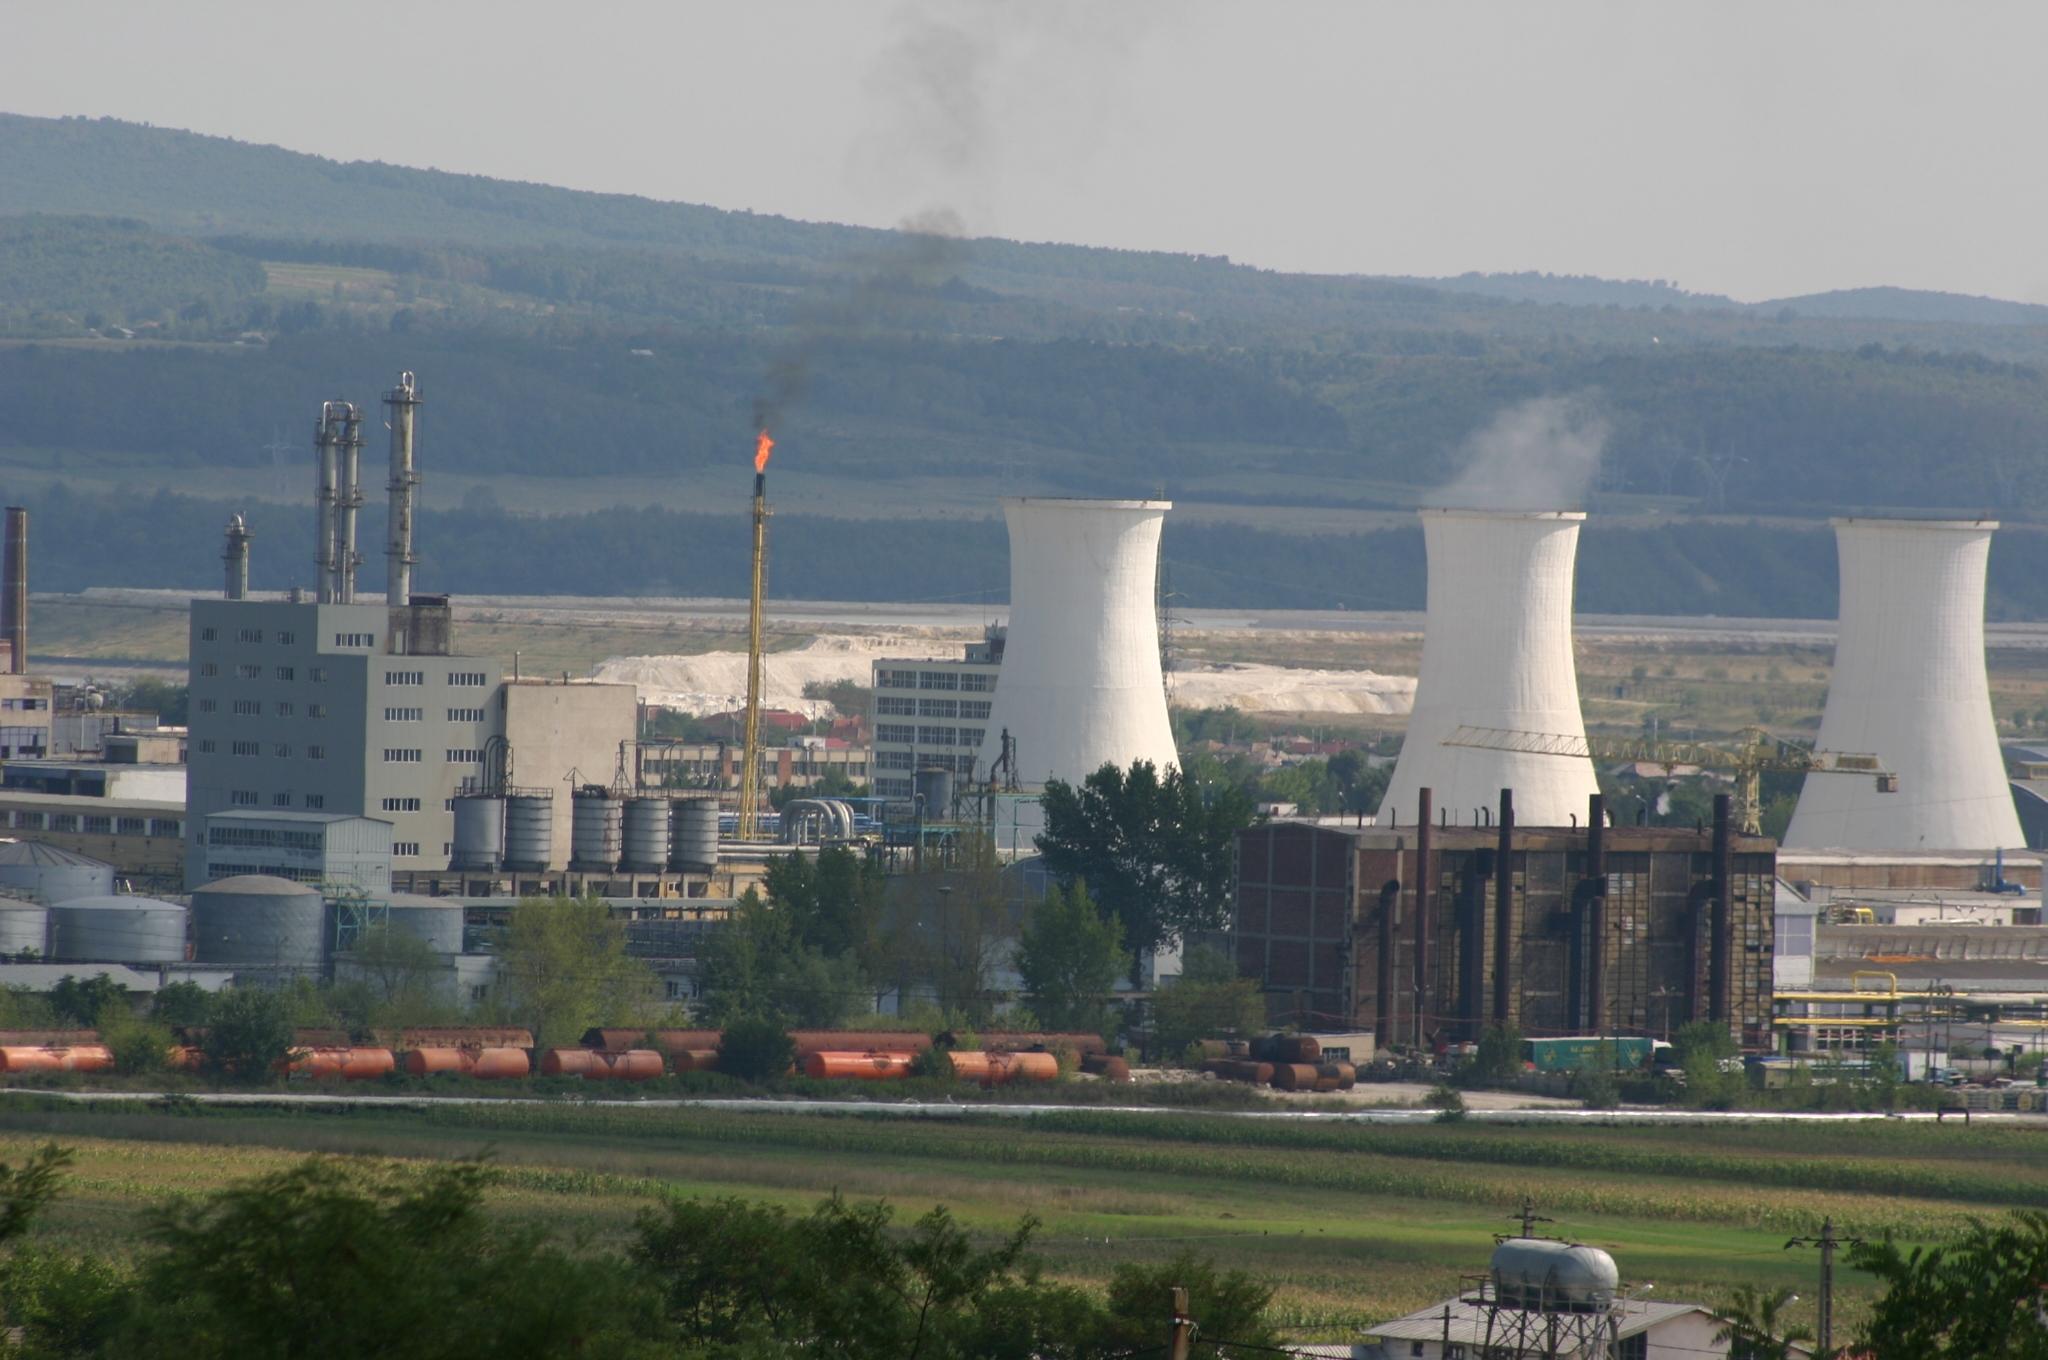 Termenul de depunere a ofertelor în vederea achiziţionării Oltchim SA, amânat pentru data de 6 iulie 2017